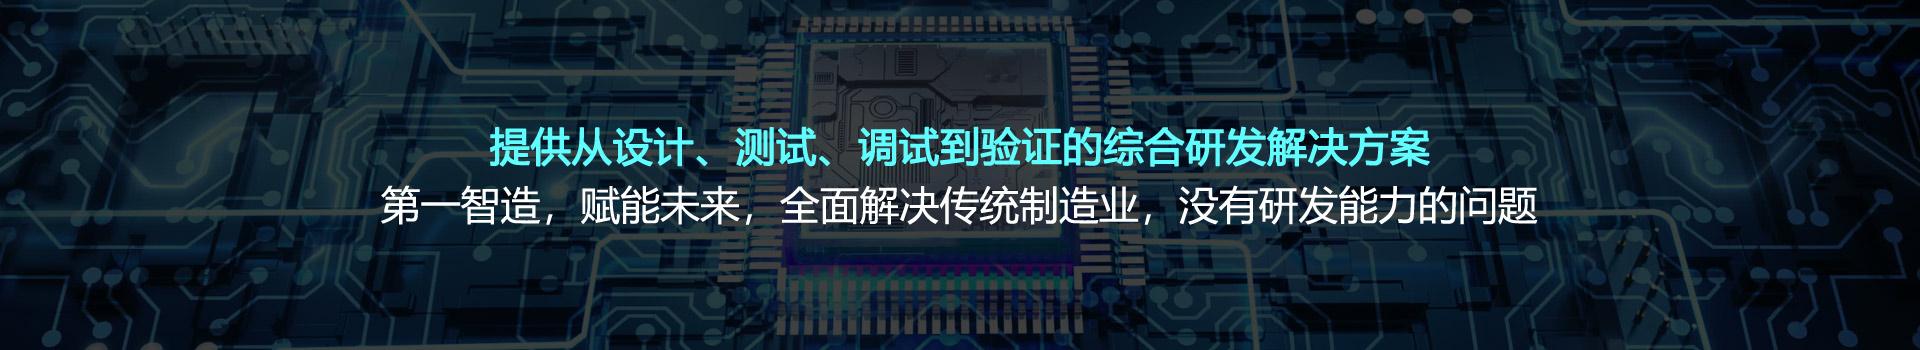 北京一造电子技术有限公司